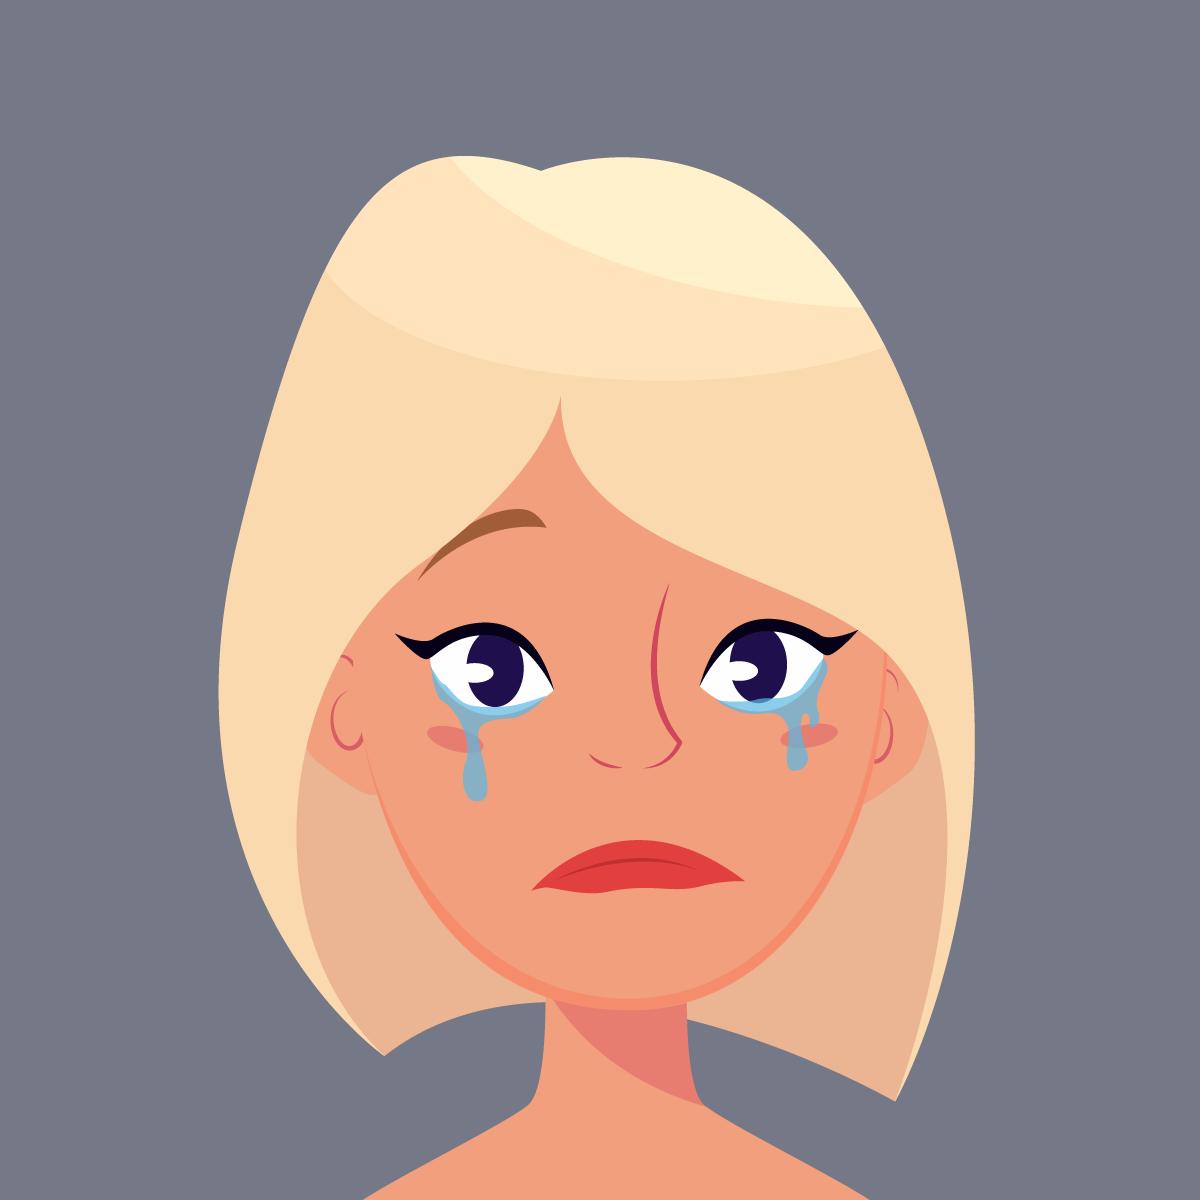 Почемуже такая красавица плачет?